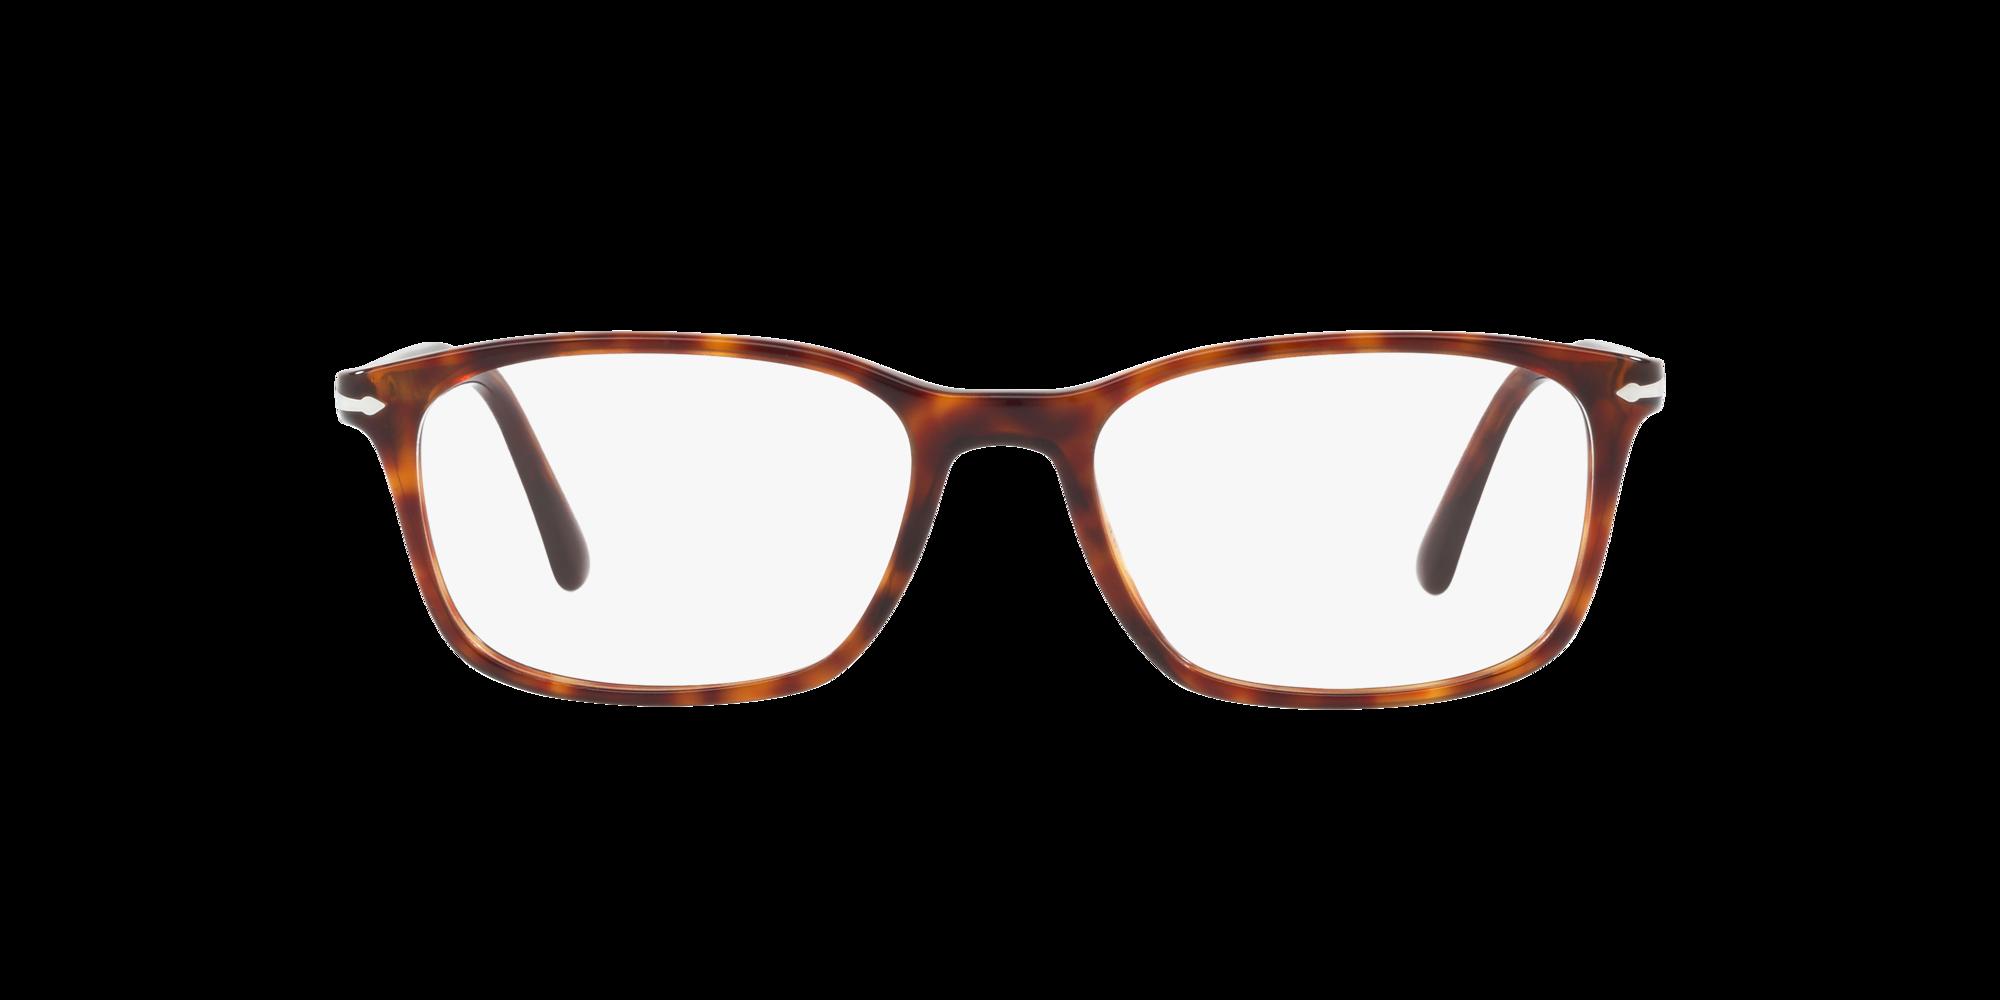 Imagen para PO3189V de LensCrafters |  Espejuelos, espejuelos graduados en línea, gafas